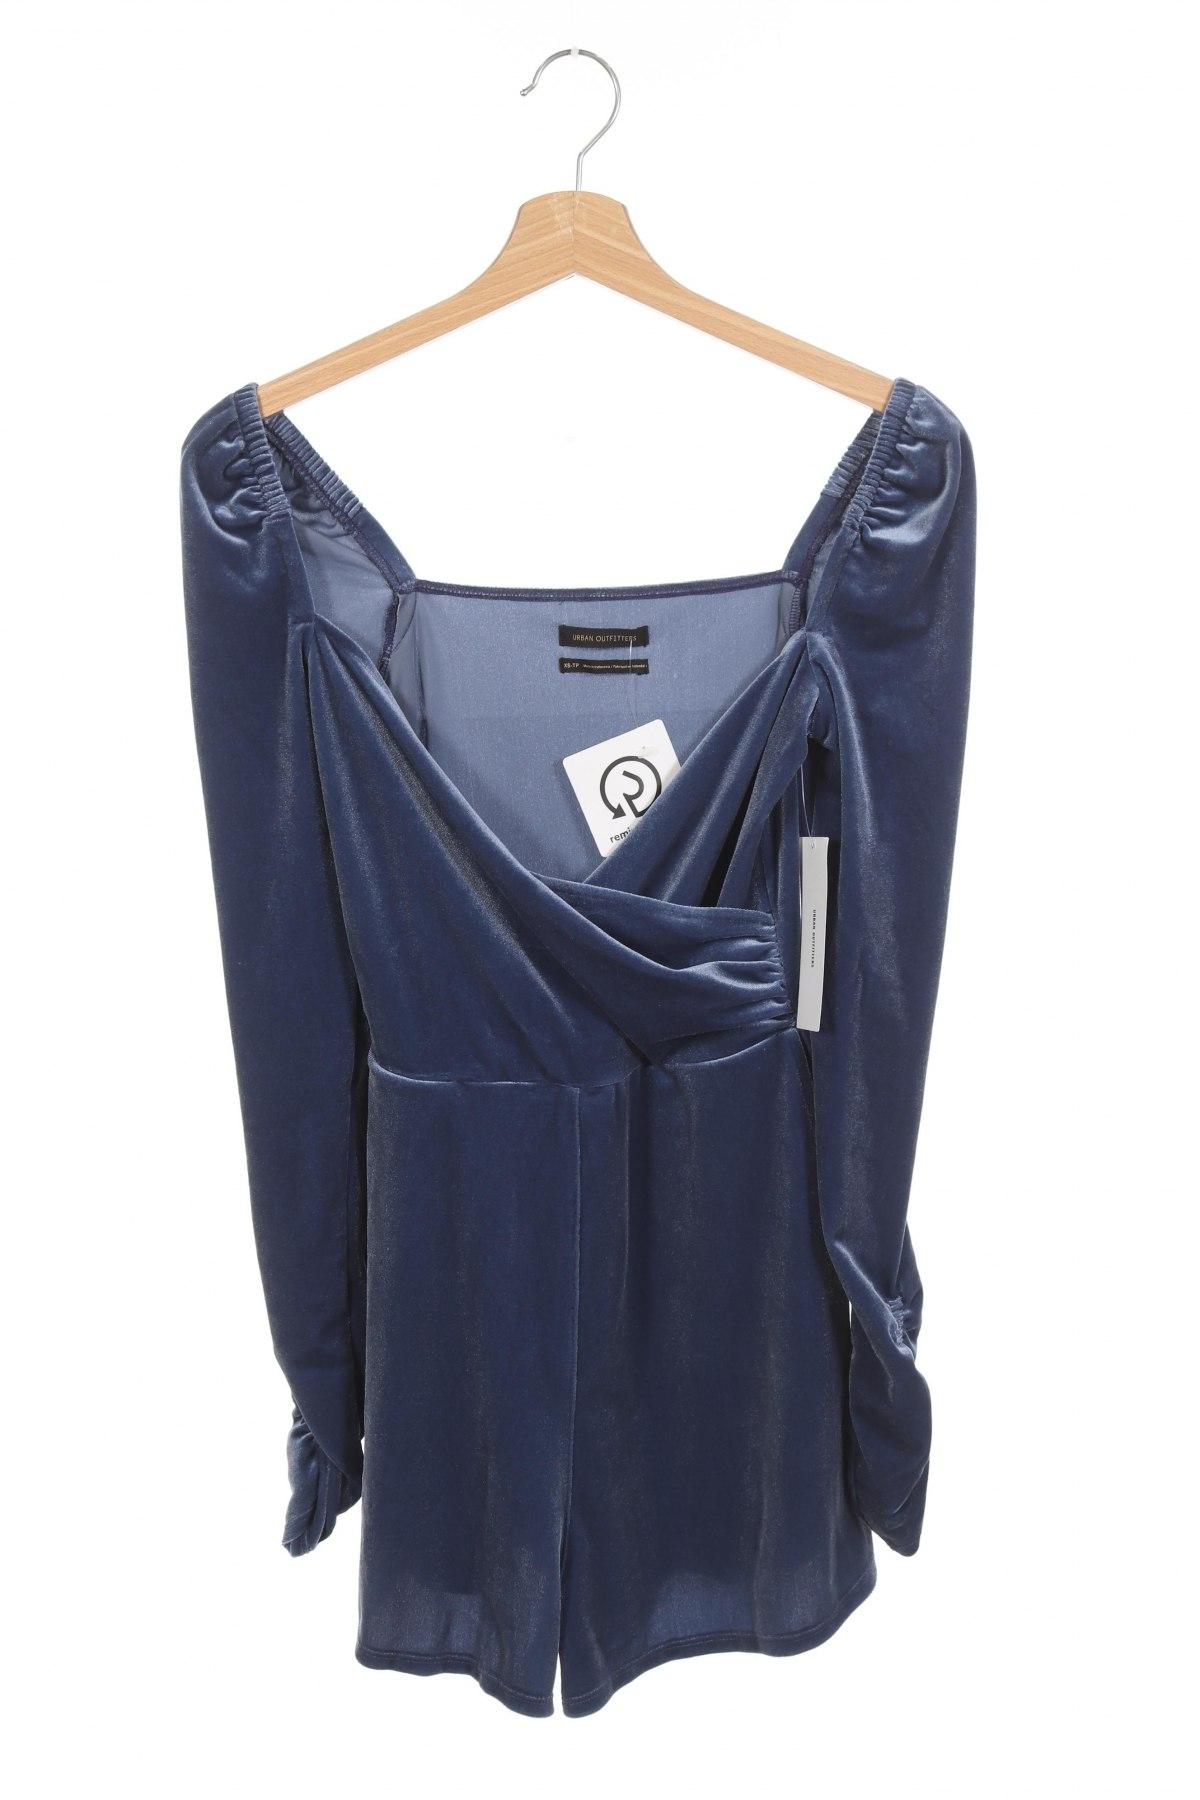 Дамски гащеризон Urban Outfitters, Размер XS, Цвят Син, 90% полиестер, 10% еластан, Цена 27,72лв.